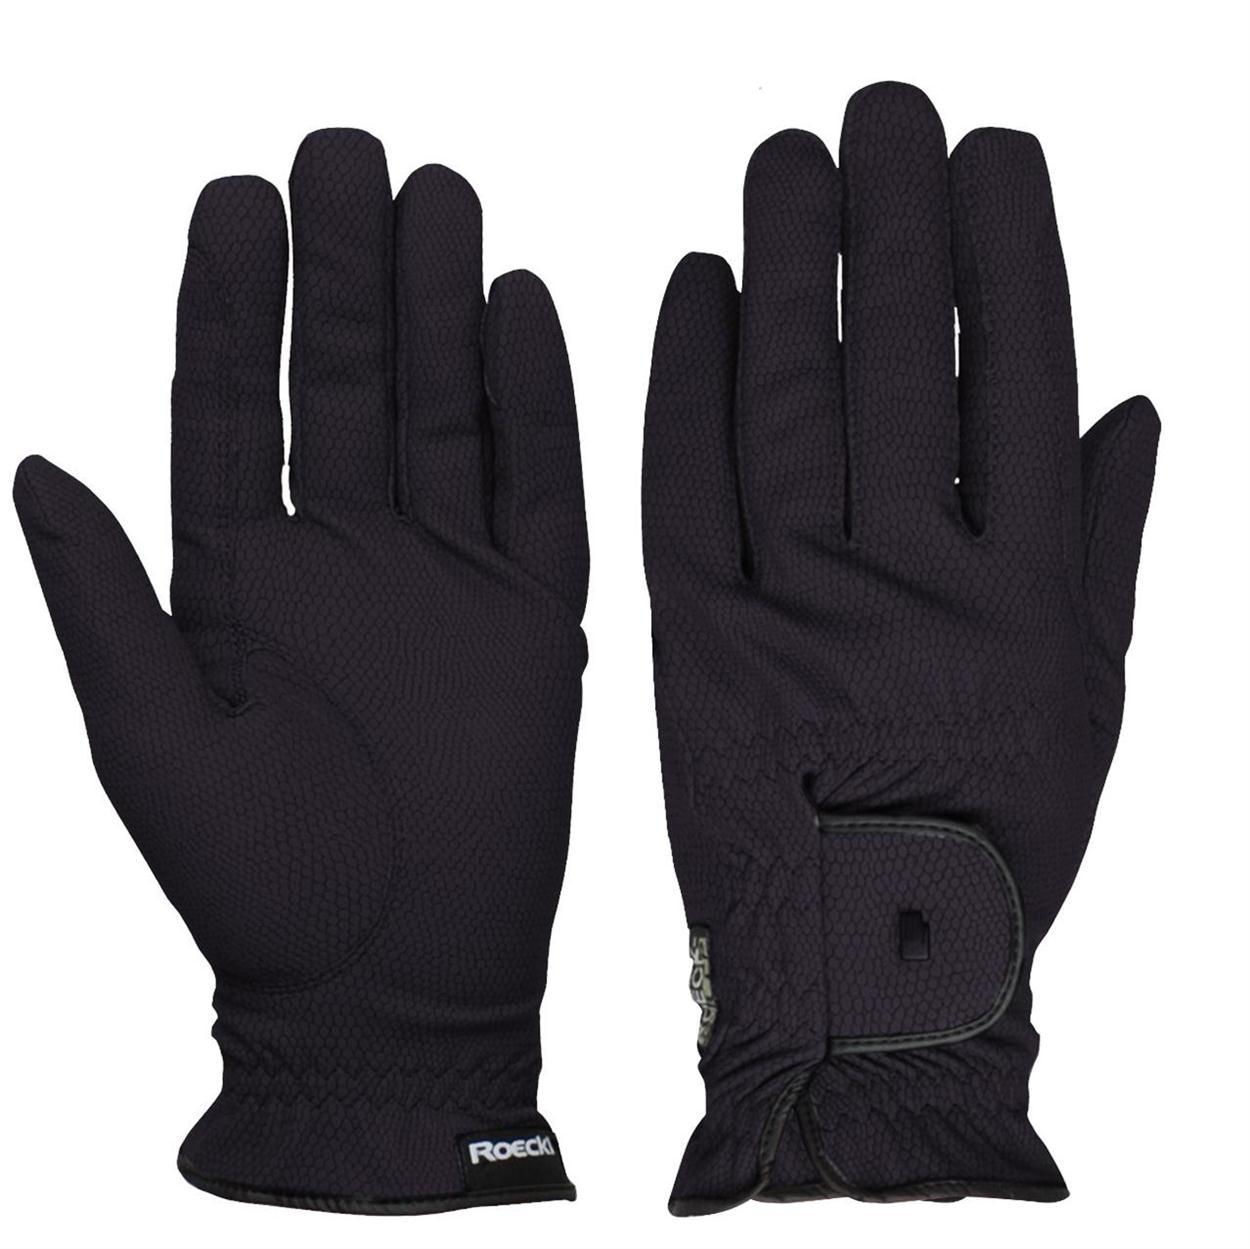 Roeckl Roeck grip Handschoen zwart maat:11